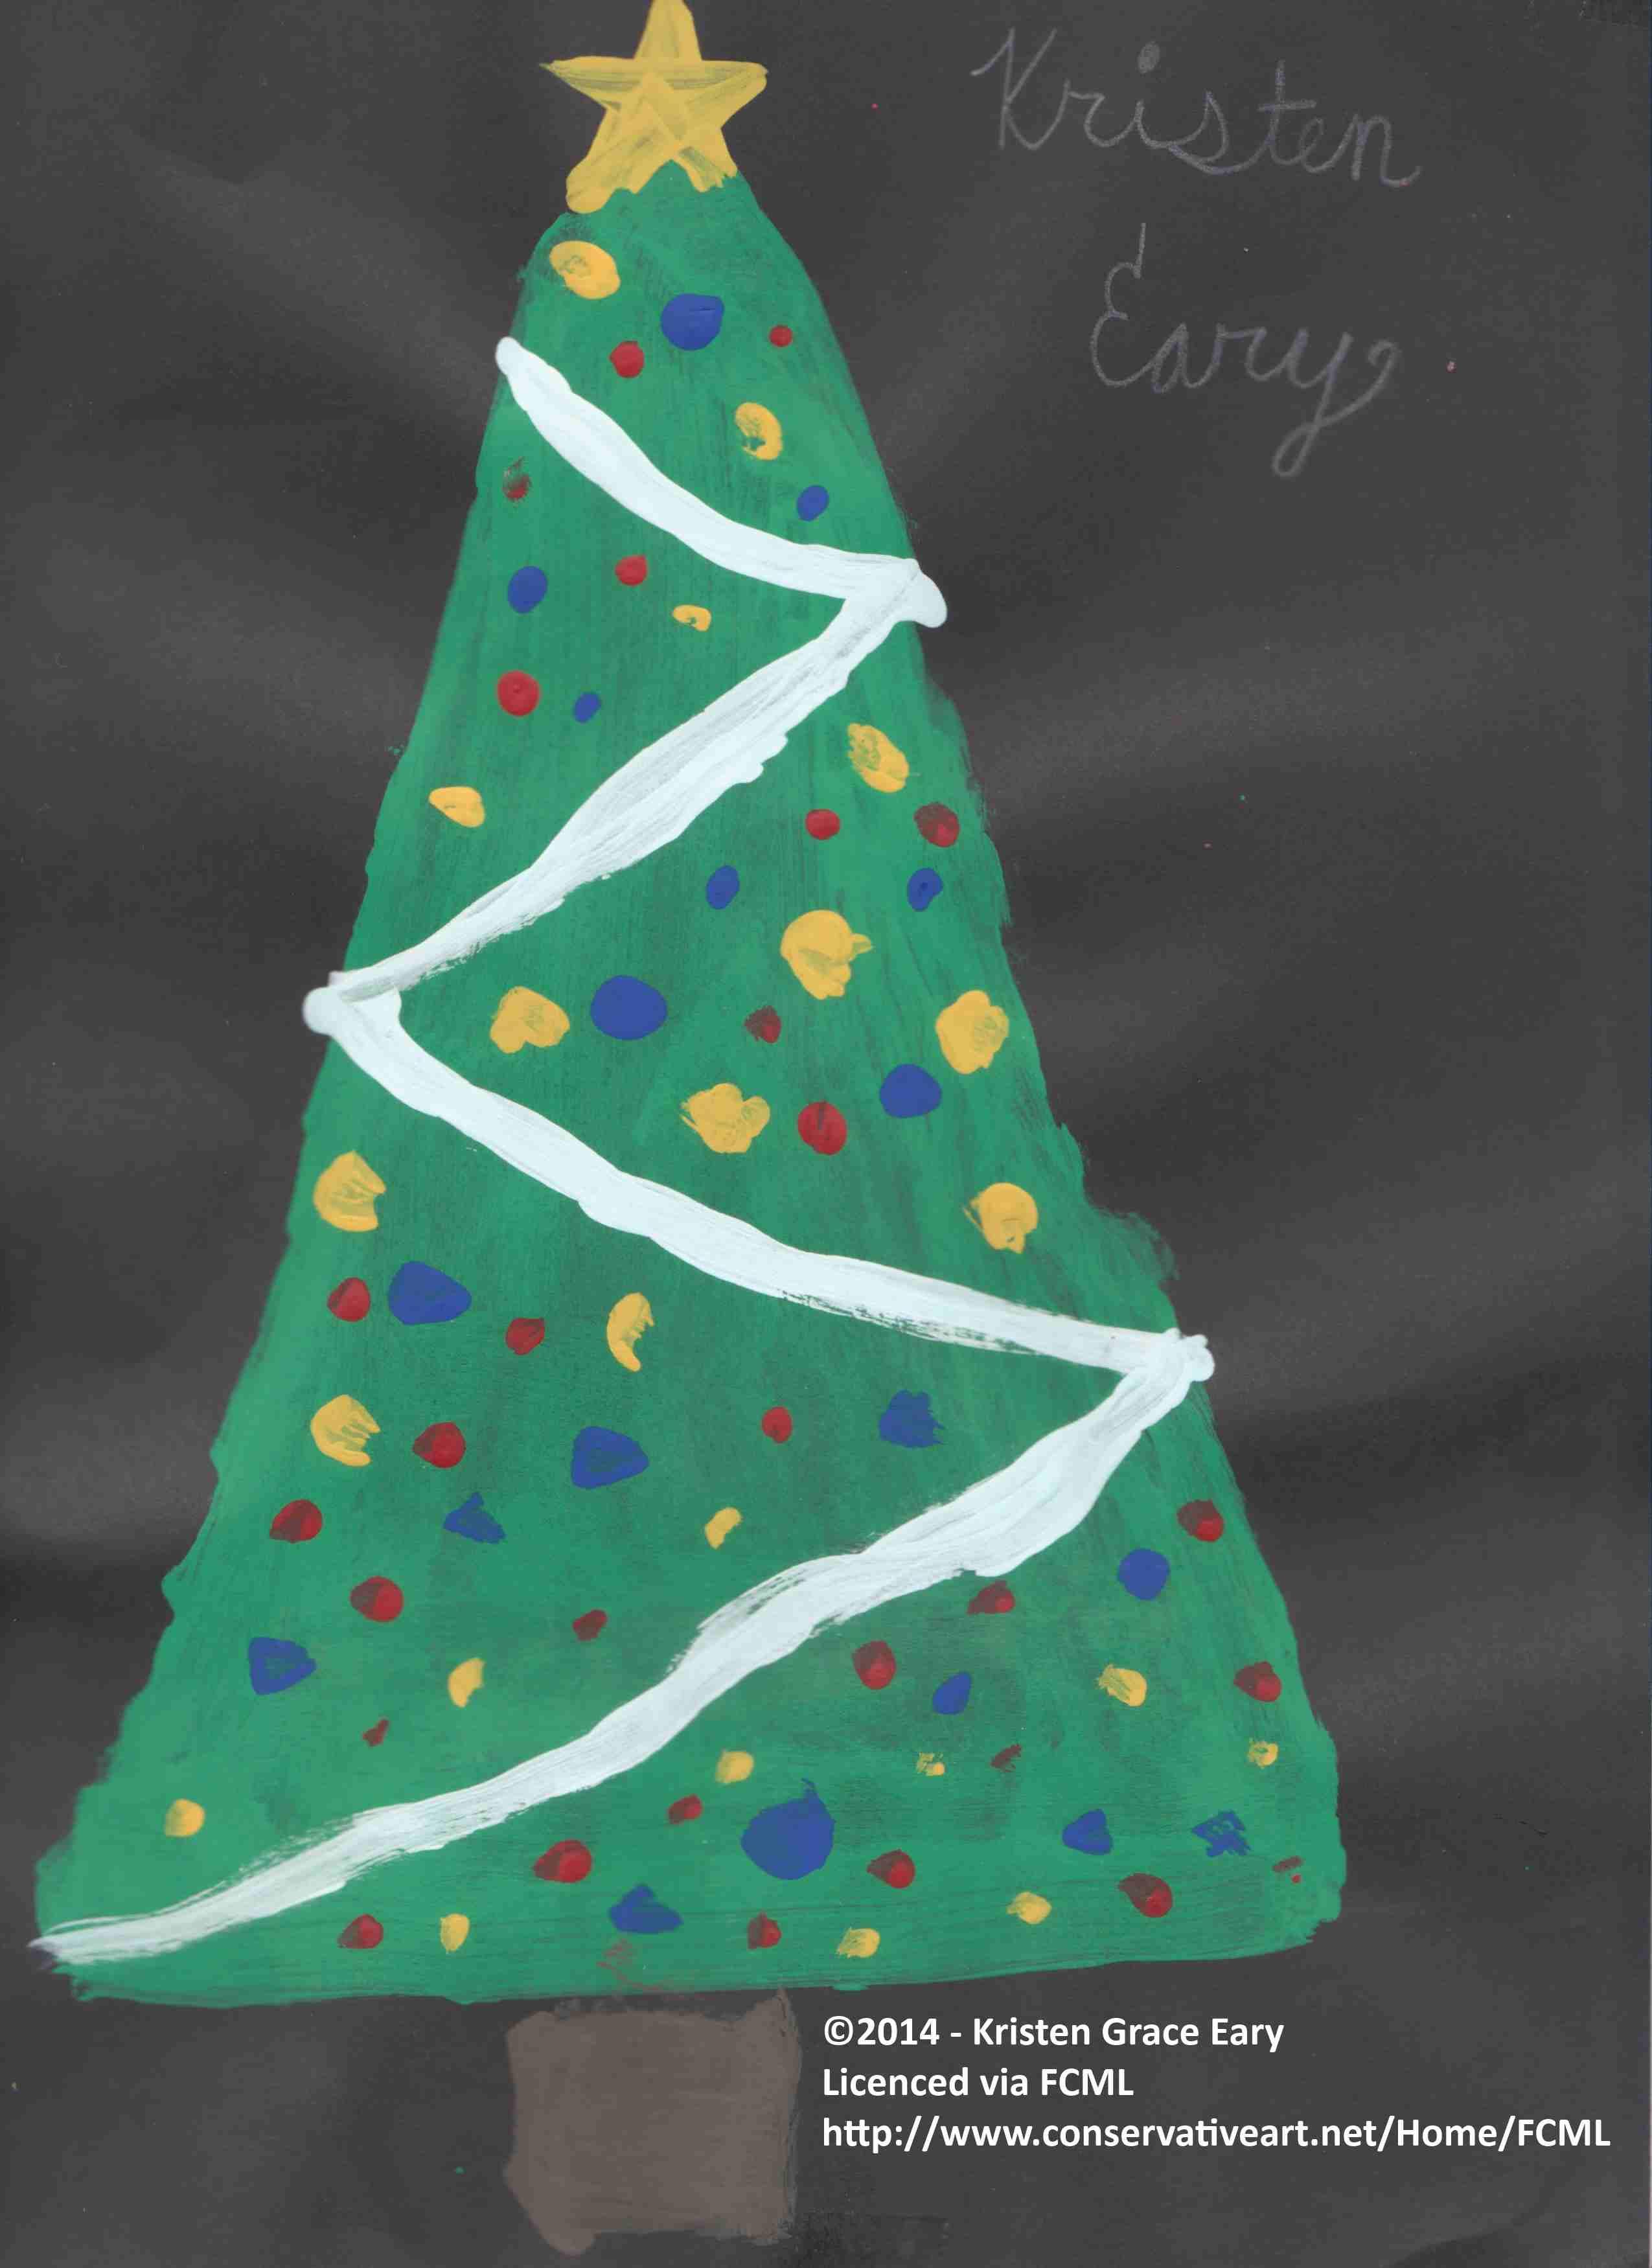 Tree Kristen Grace Eary drew